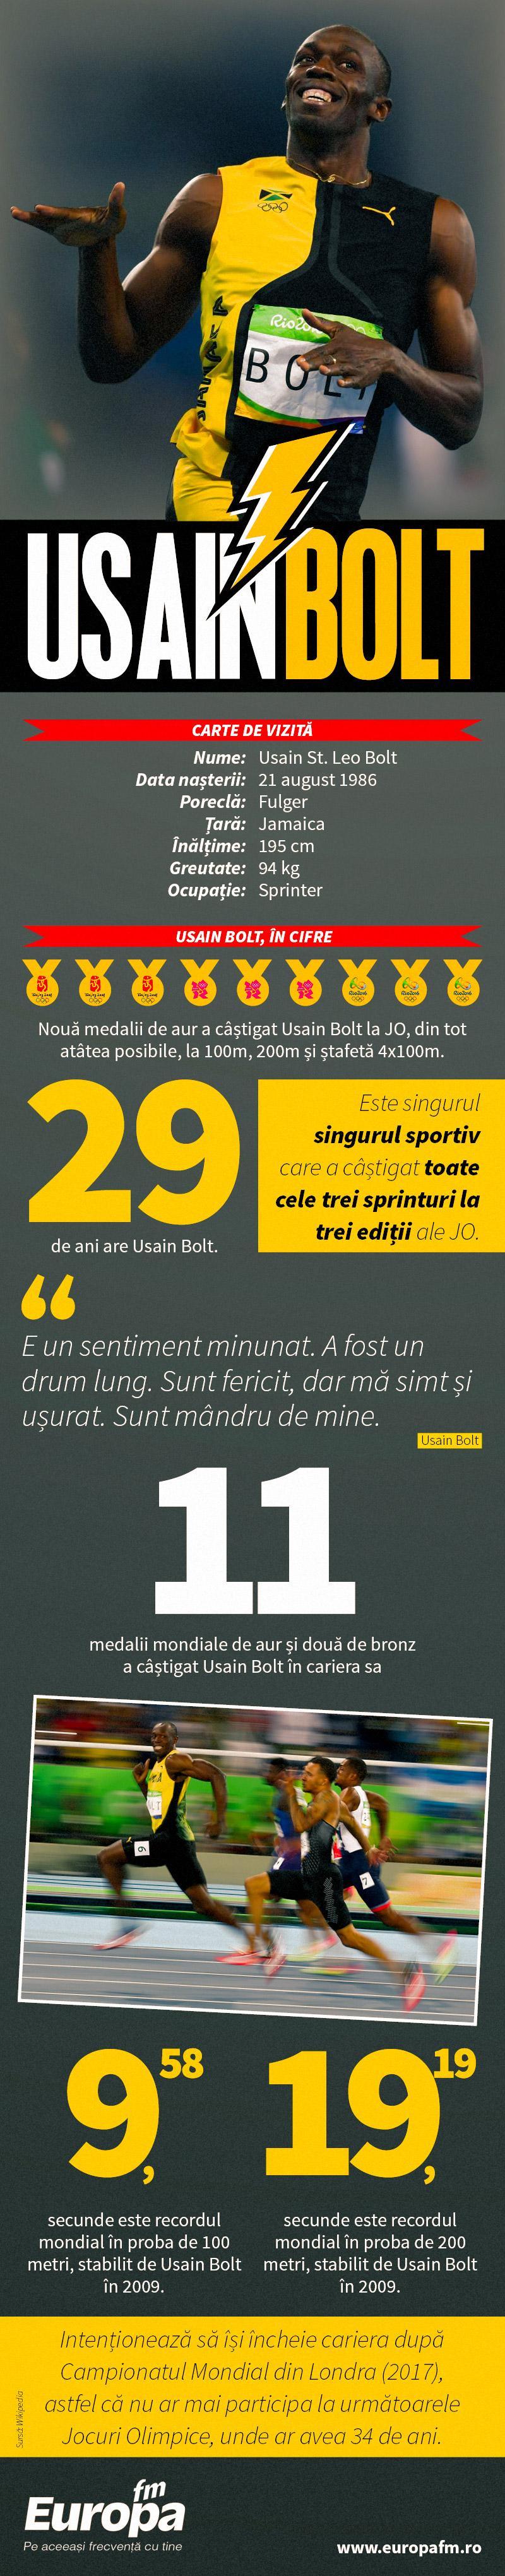 Cariera impresionantă a lui Usain Bolt în cifre - INFOGRAFIC